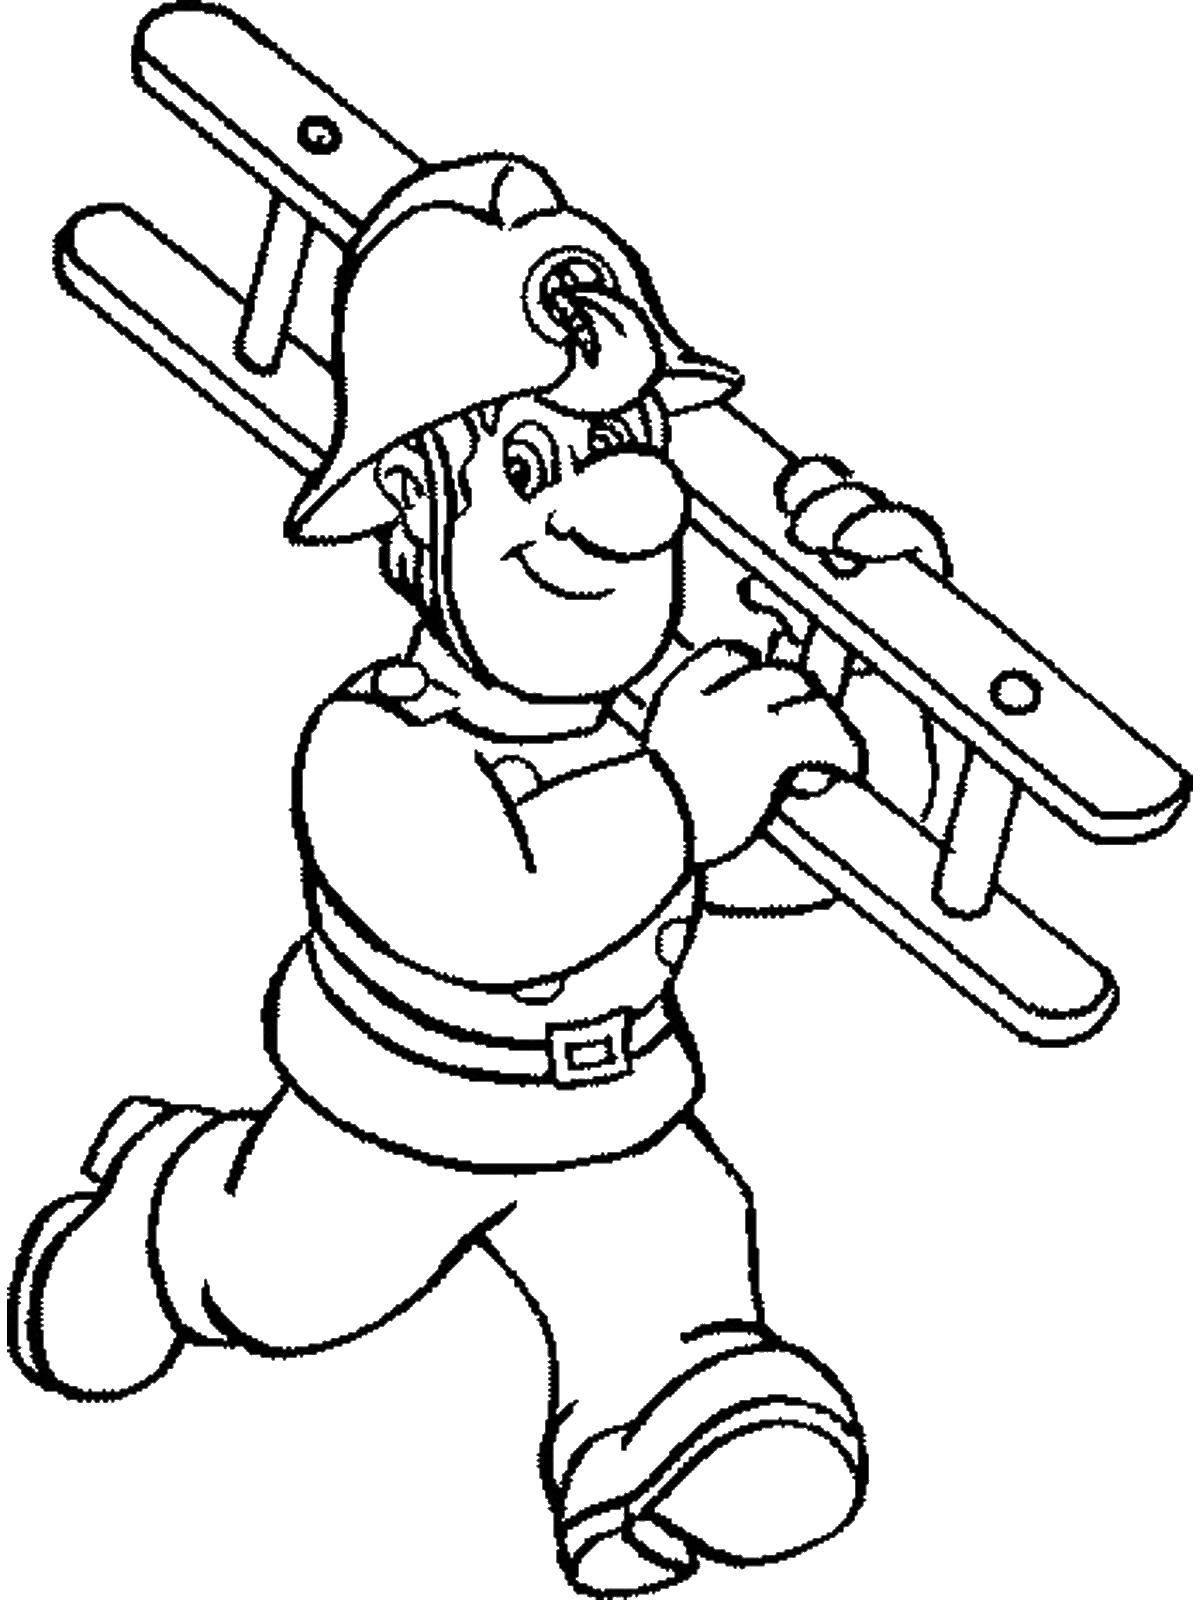 Раскраска Спасатель с лестницей Скачать ,профессии, спасатель,.  Распечатать